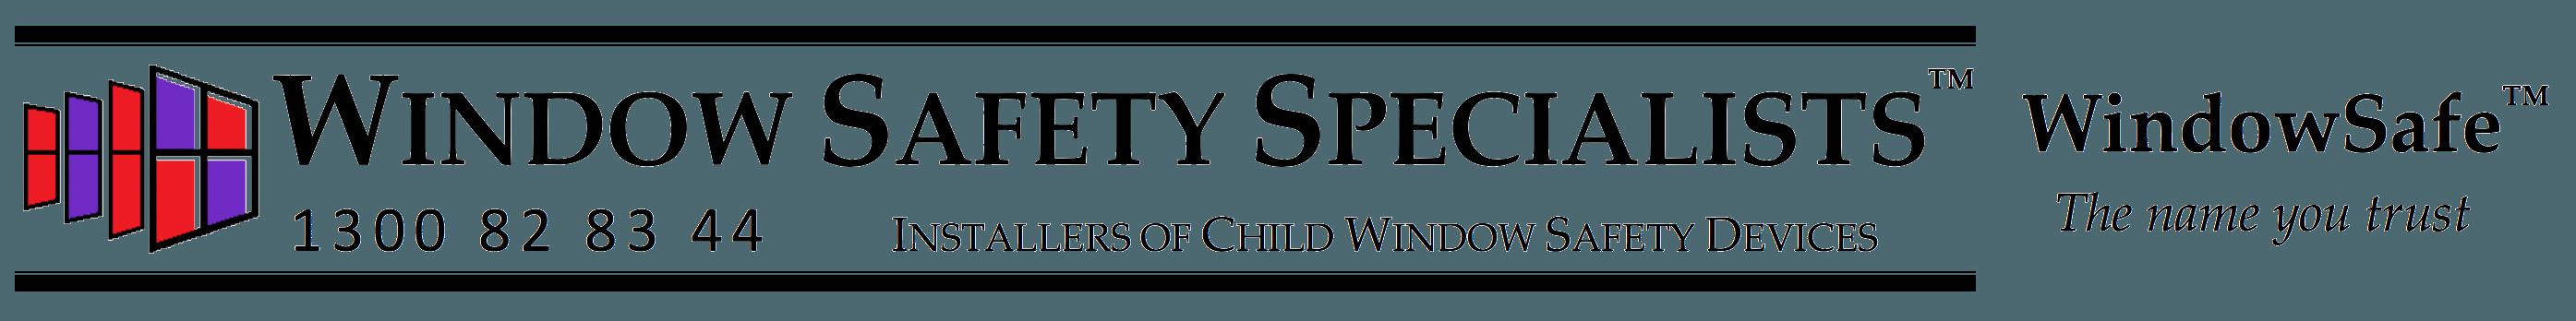 WSS Logo with TM and WindowSafe TM - 21 Aug 2018